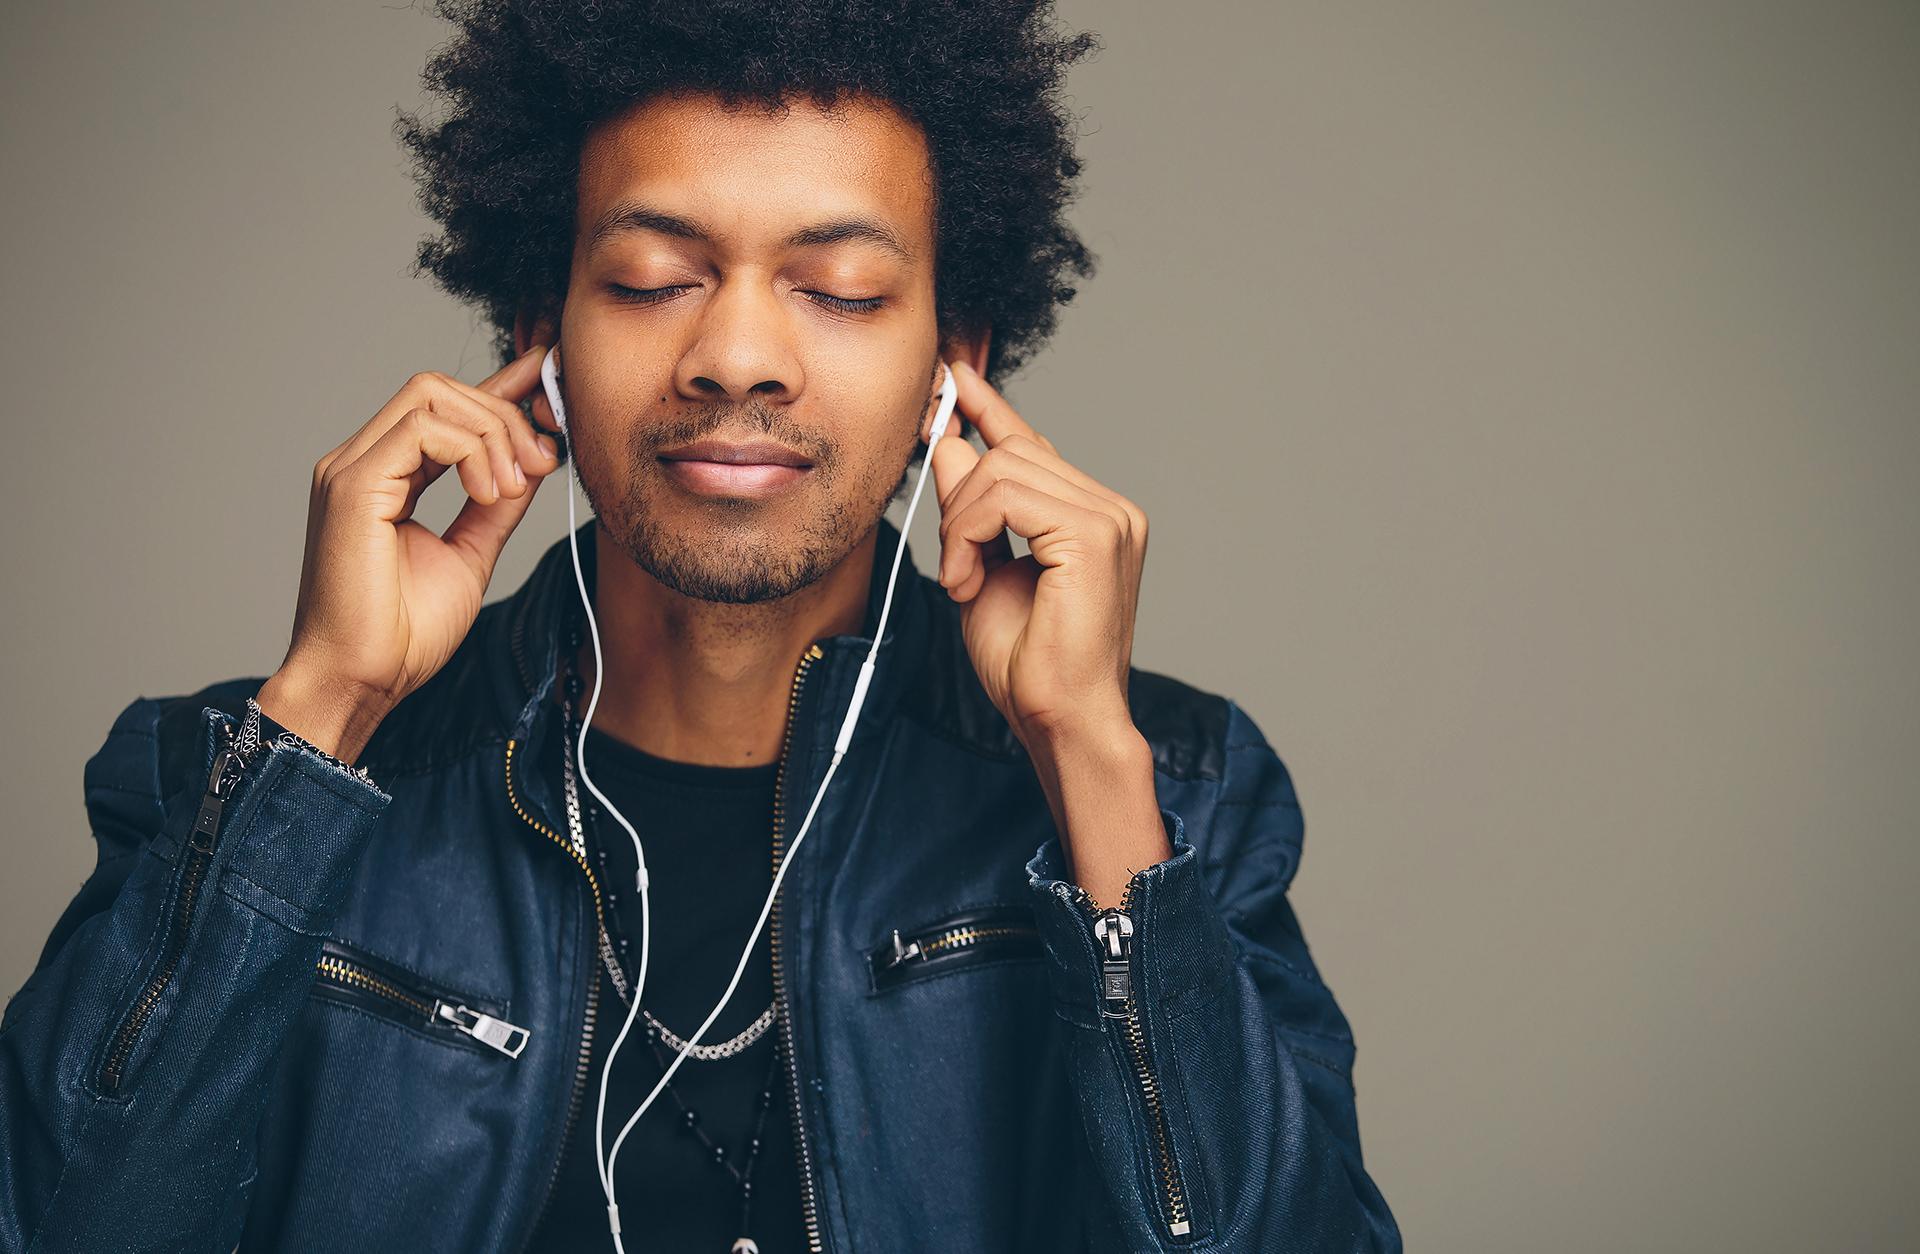 Kille med svart hår njuter av musik i hörlurar